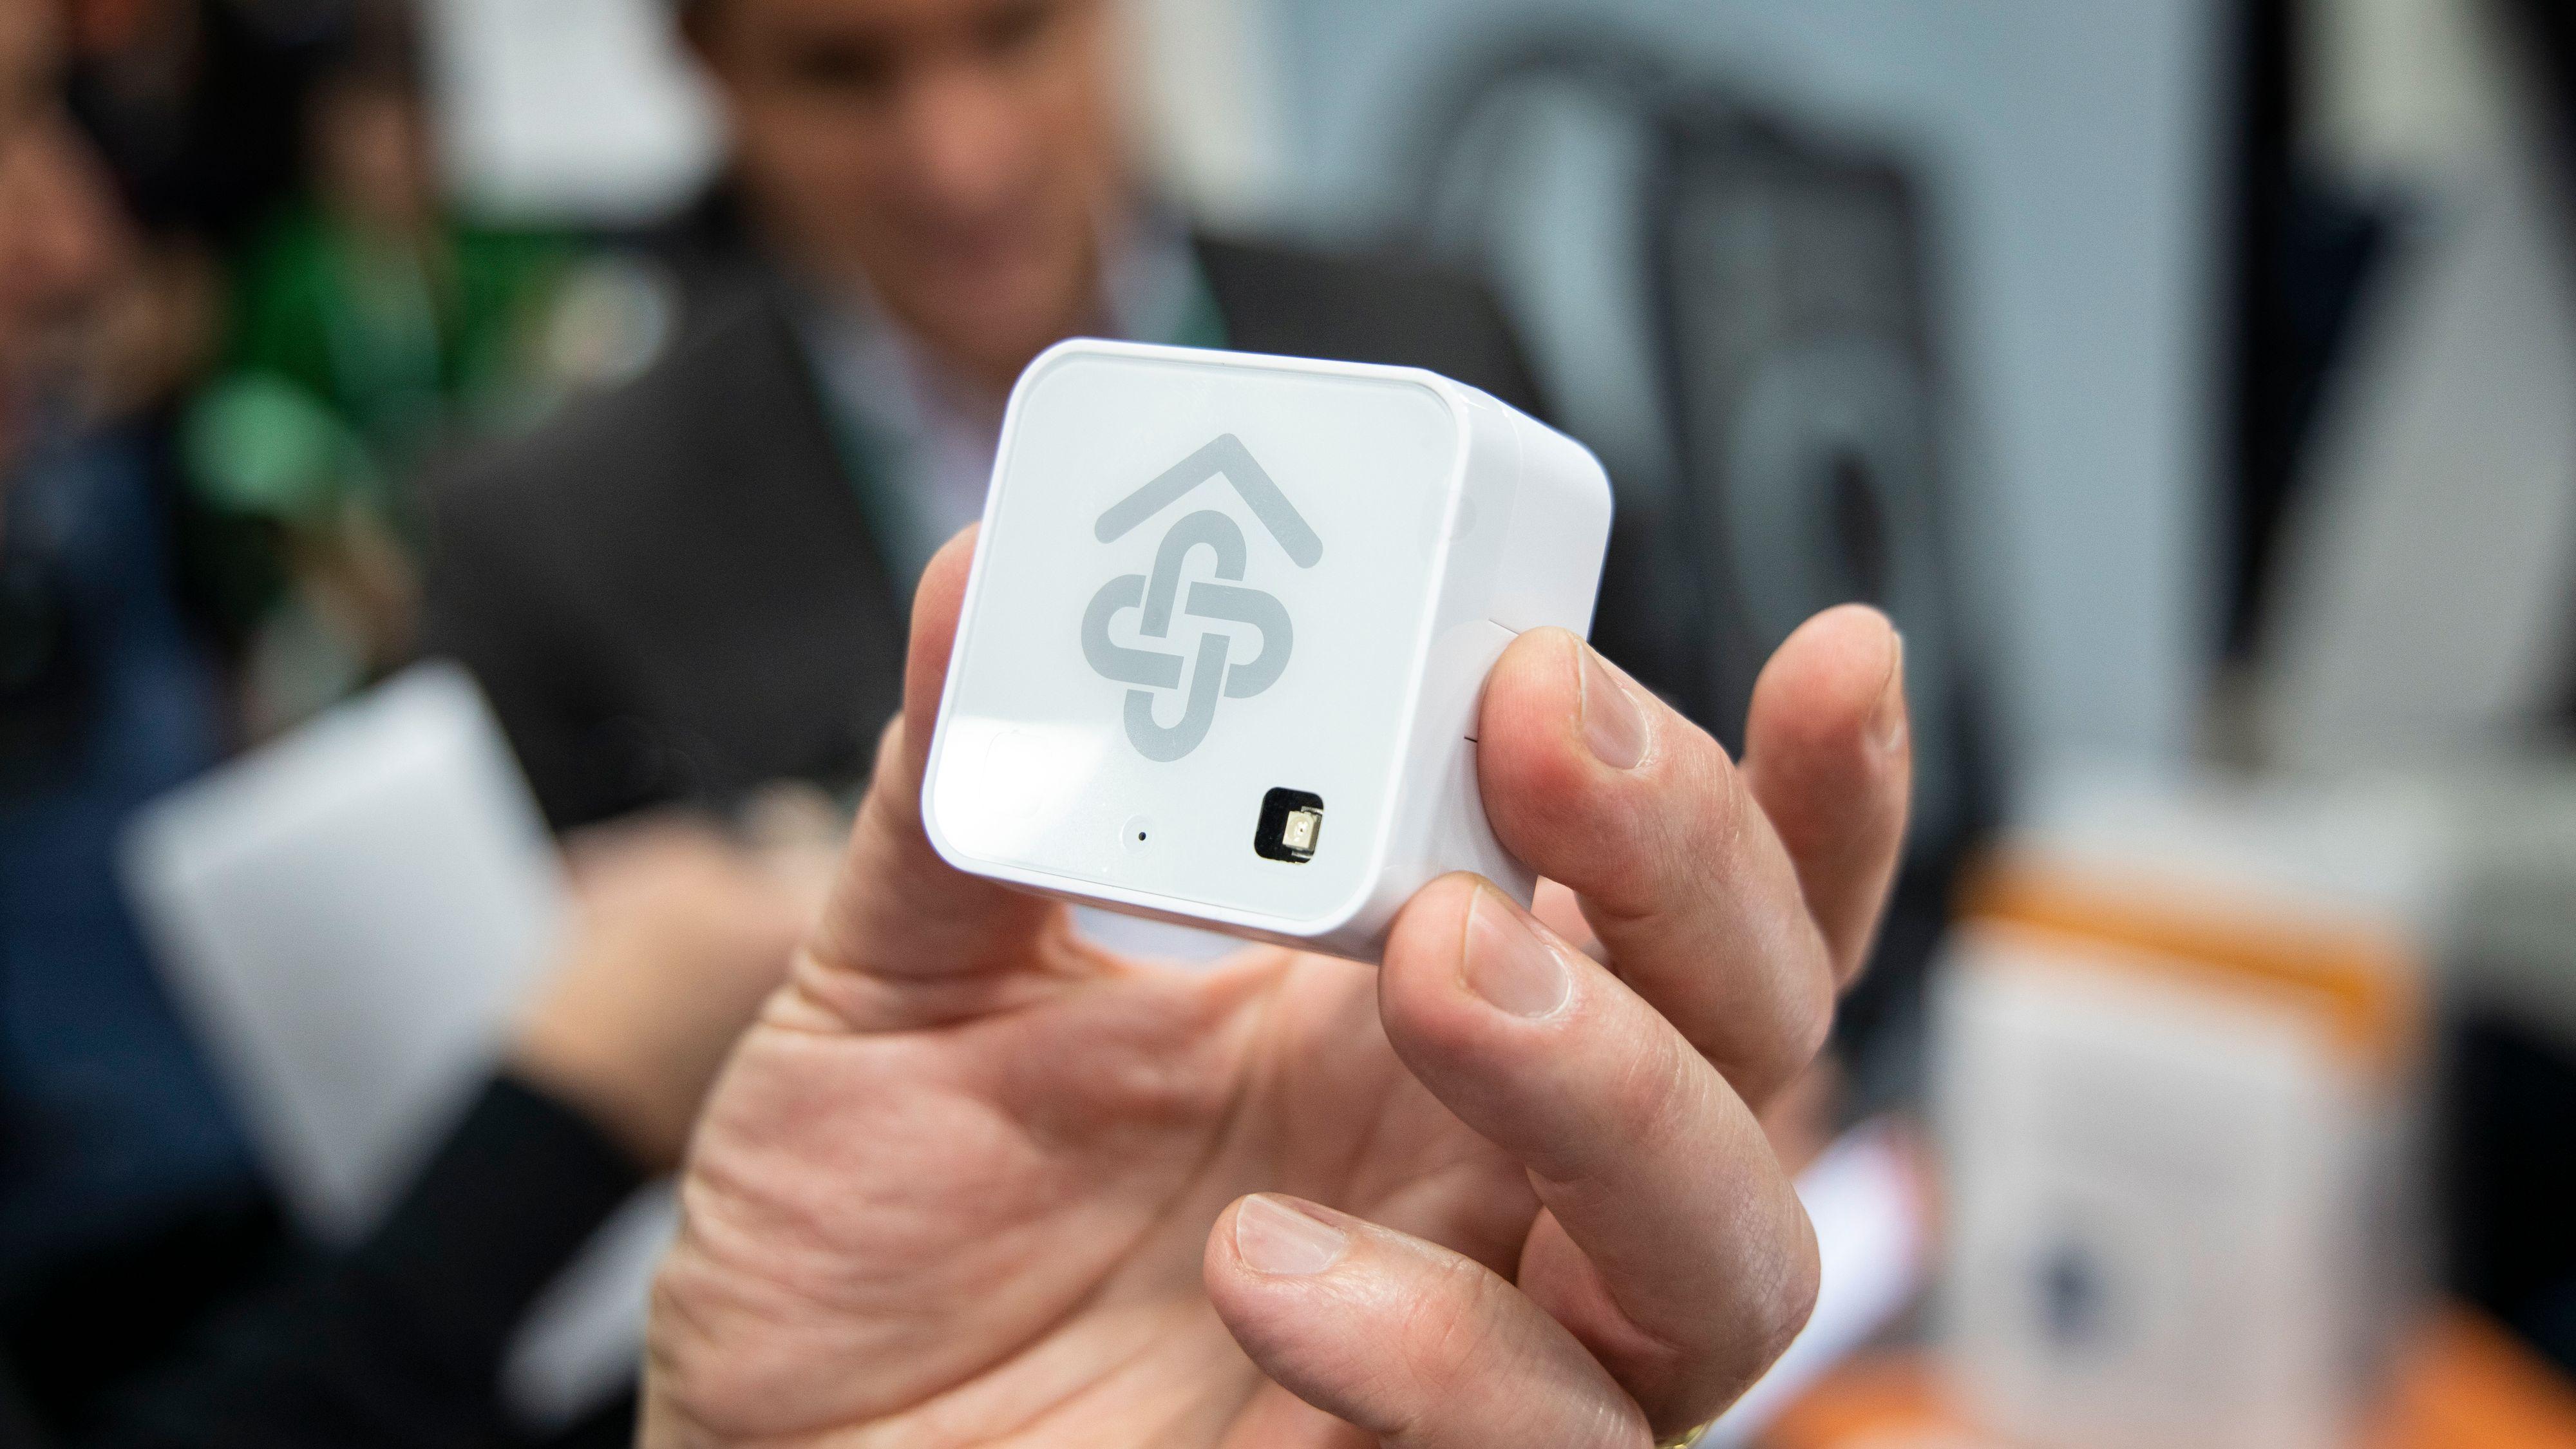 Slike sensorer settes opp i ulike rom, og så brukes informasjonen til å avgjøre hvor den eldre oppholder seg i løpet av dagen.